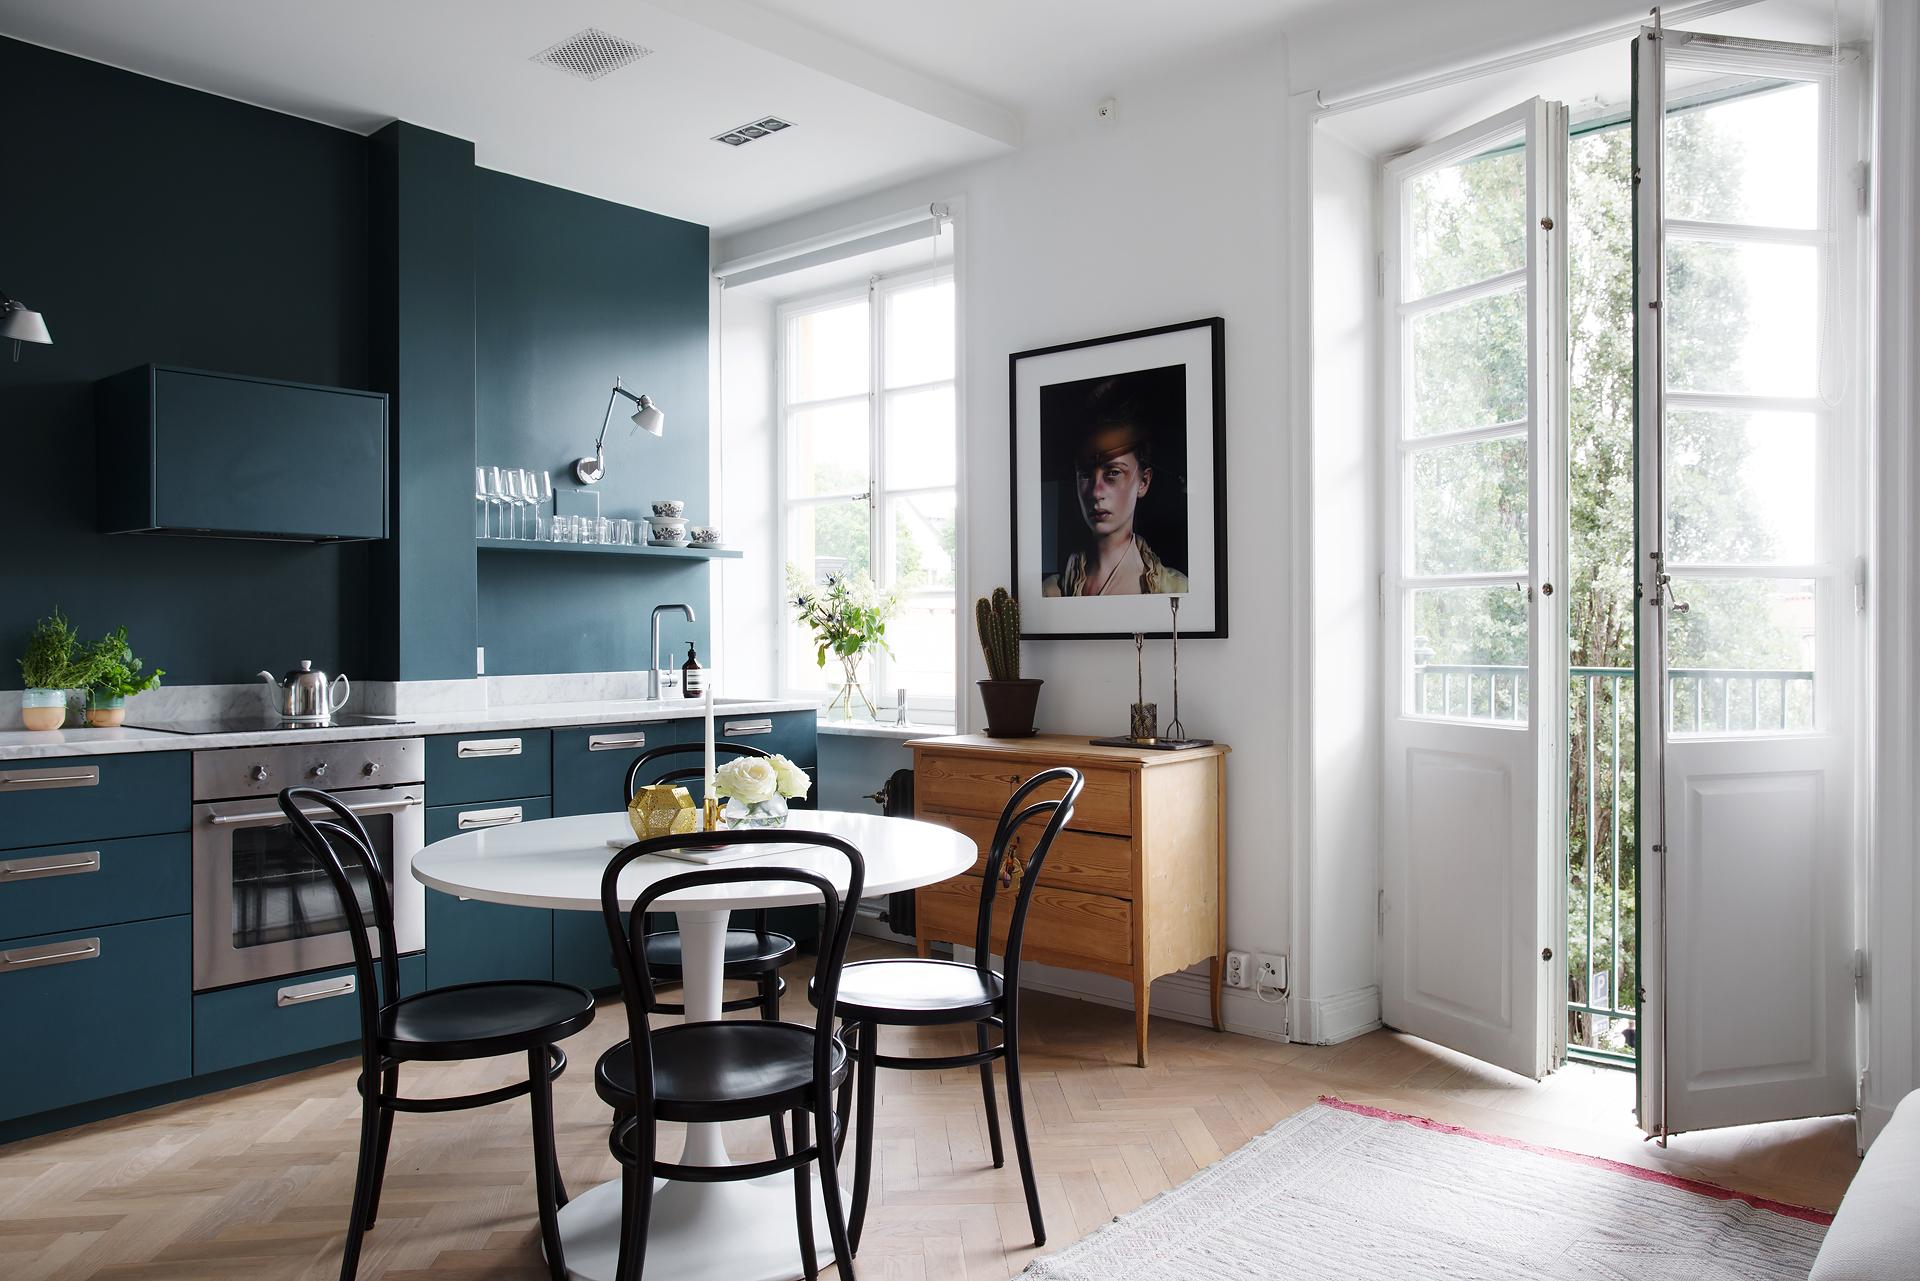 Pintar La Pared De La Cocina Del Mismo Color Que Los Muebles  ~ Como Pintar Un Mueble De Cocina